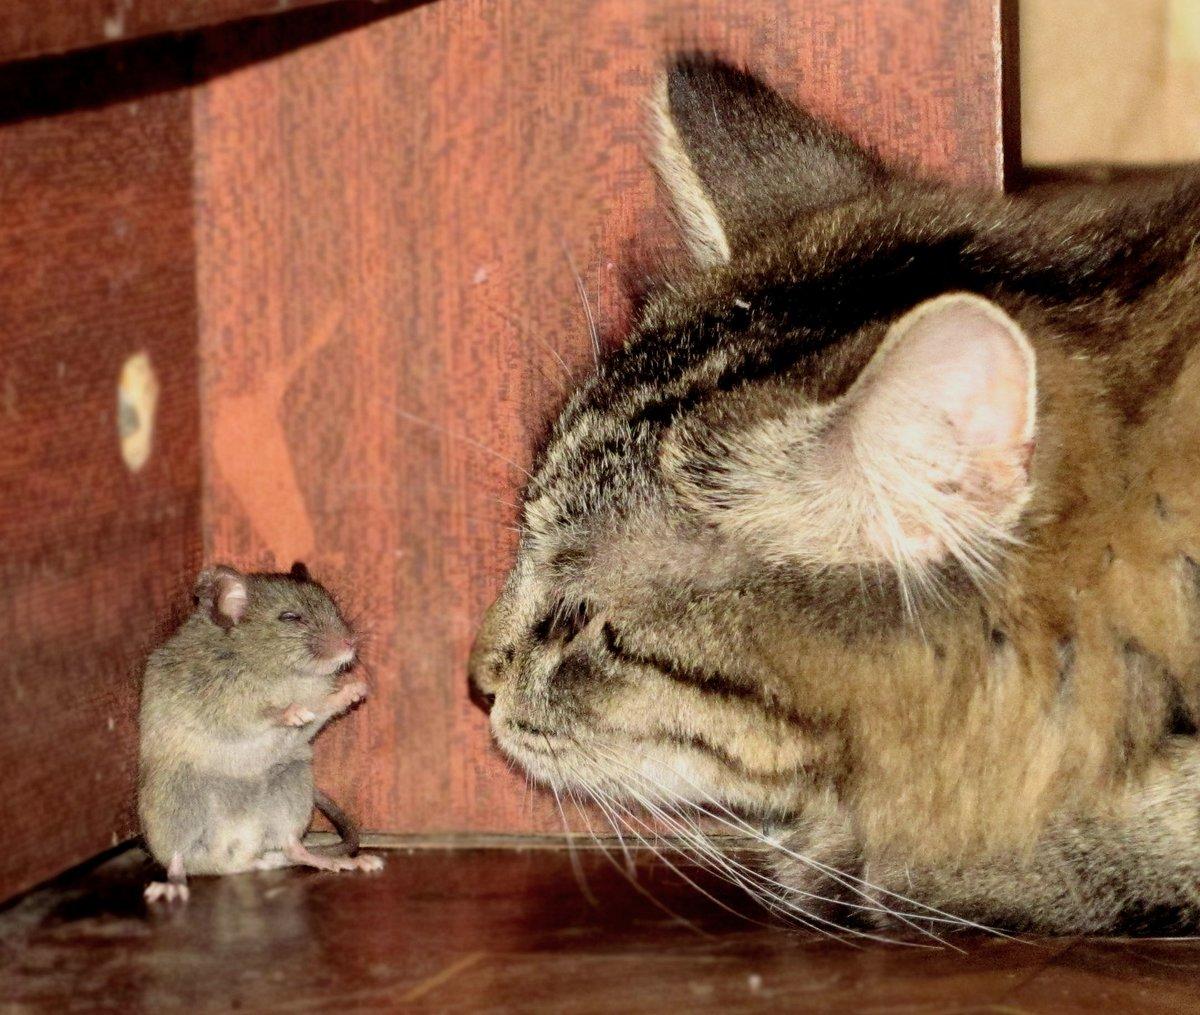 Прикольная картинка кот и мышь, новый